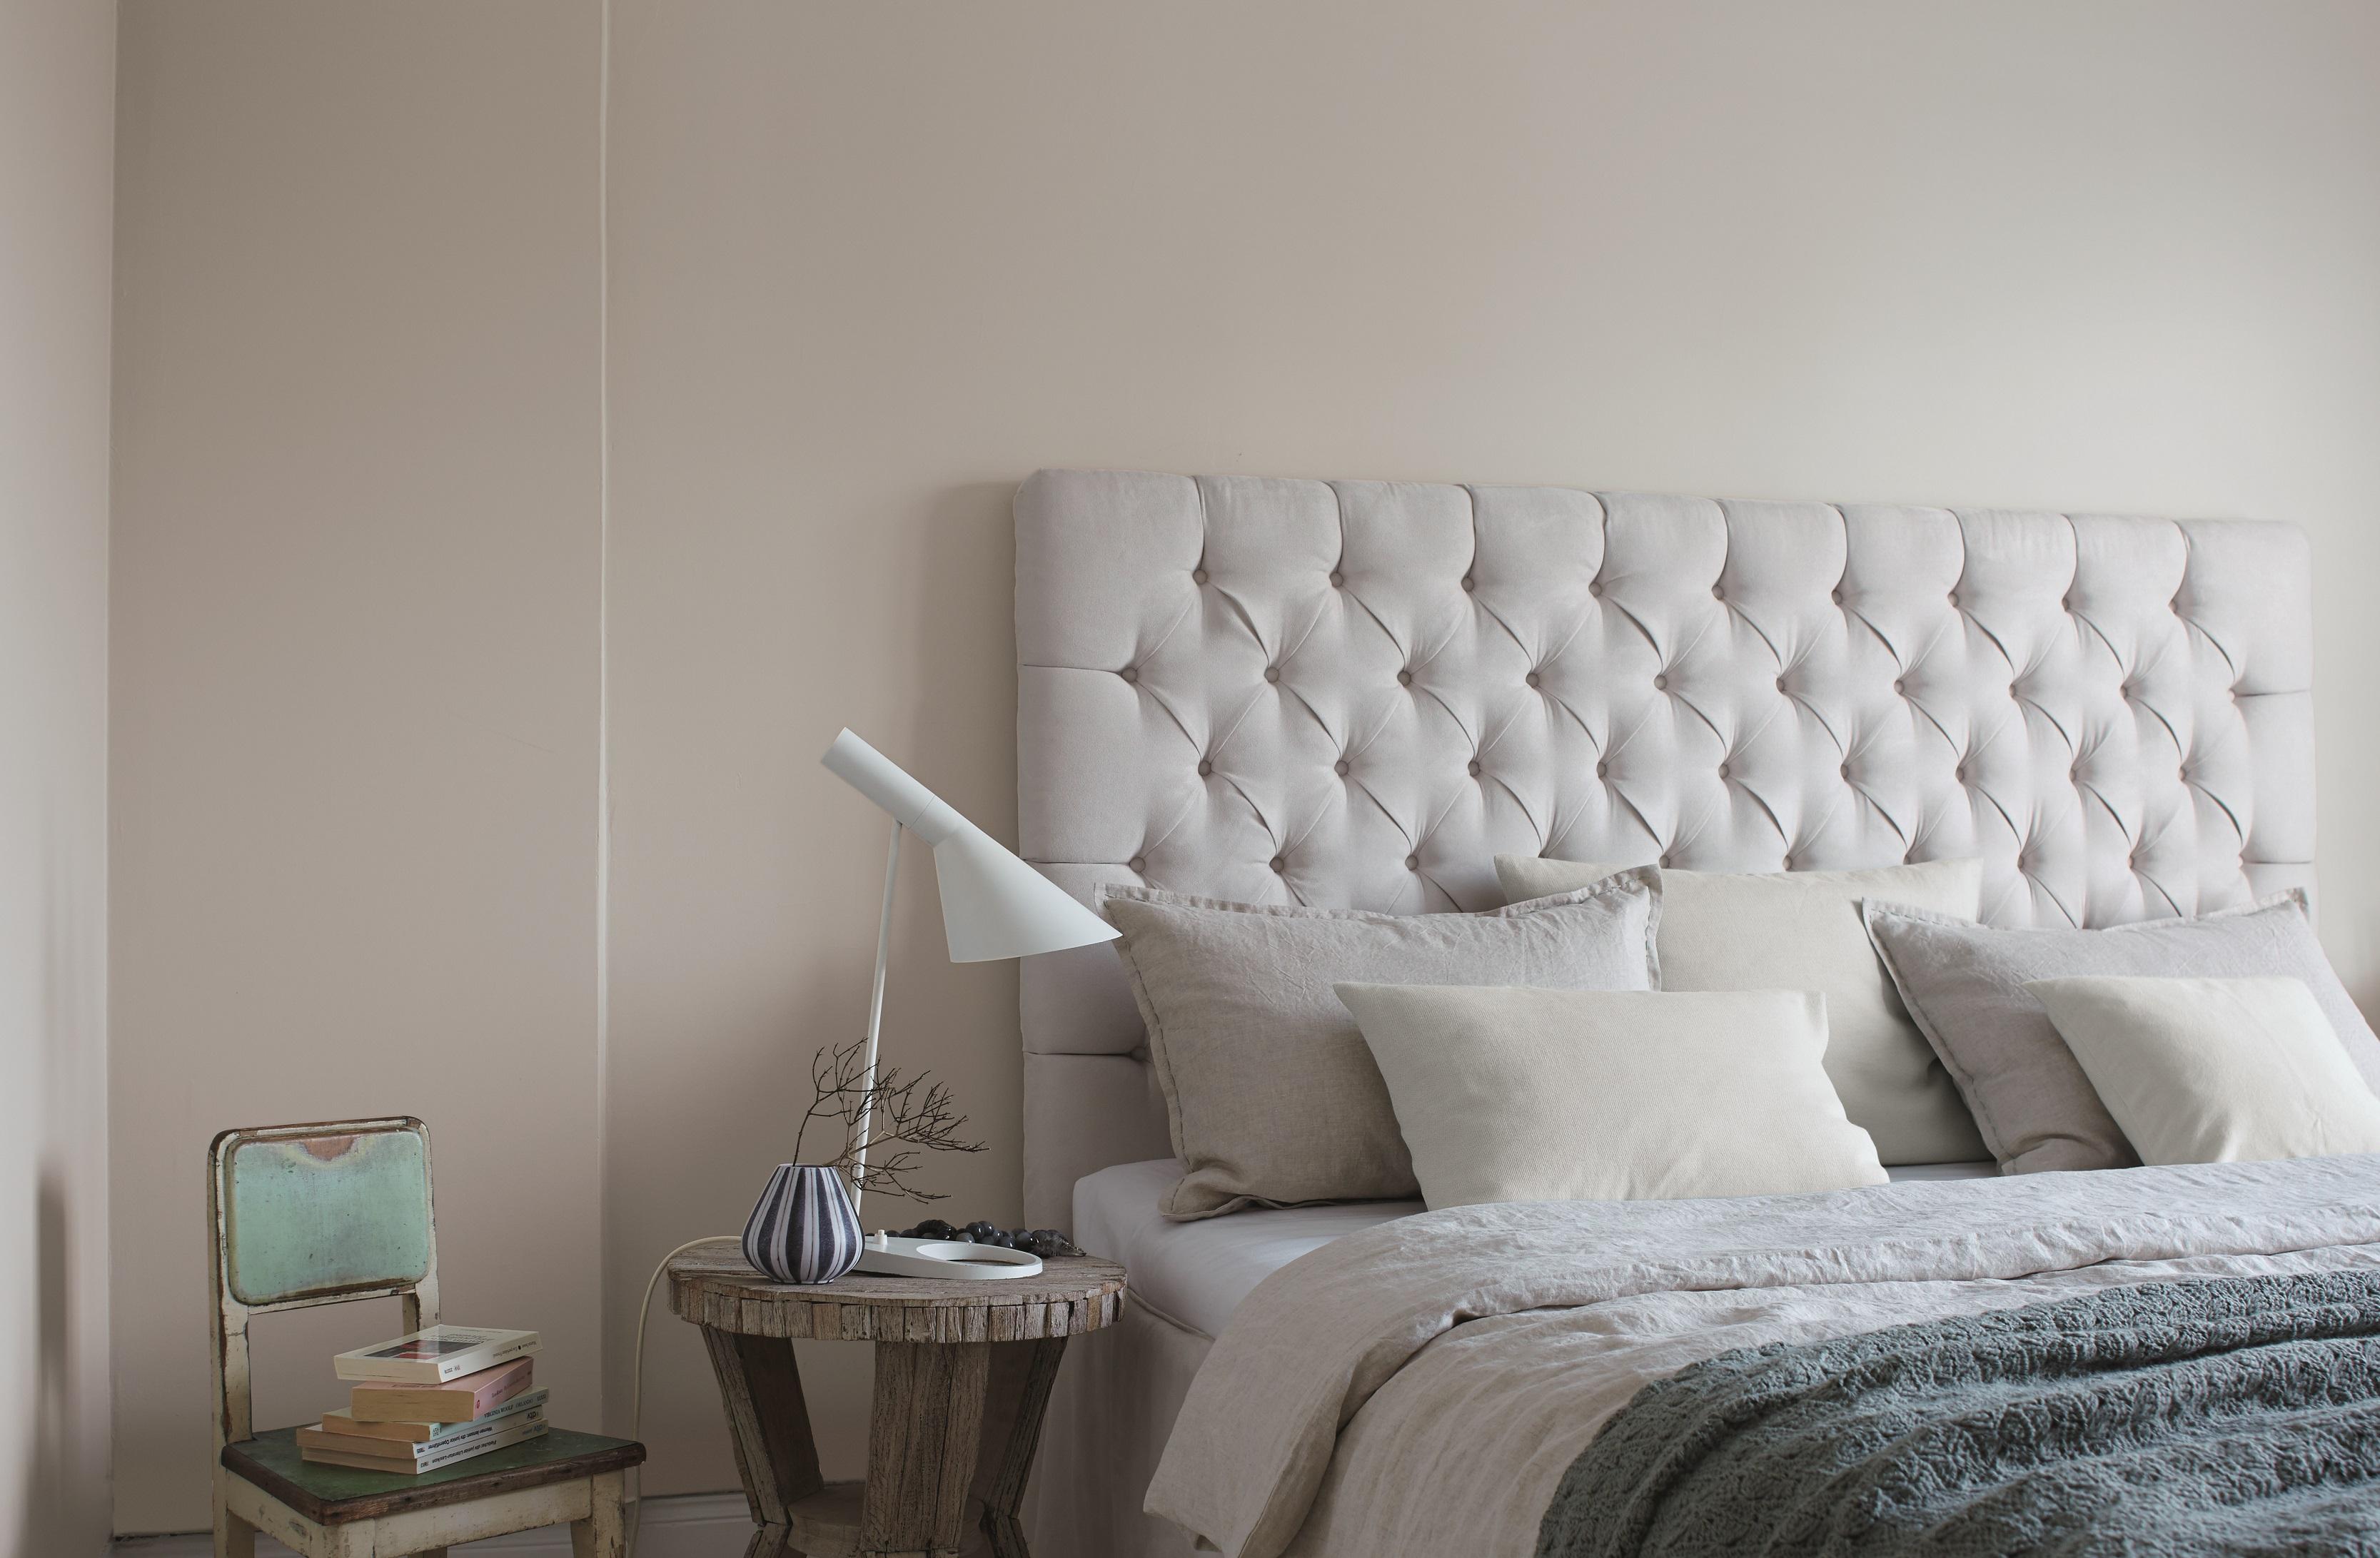 skandinavischer einrichtungsstil so geht 39 s alpina farbe. Black Bedroom Furniture Sets. Home Design Ideas